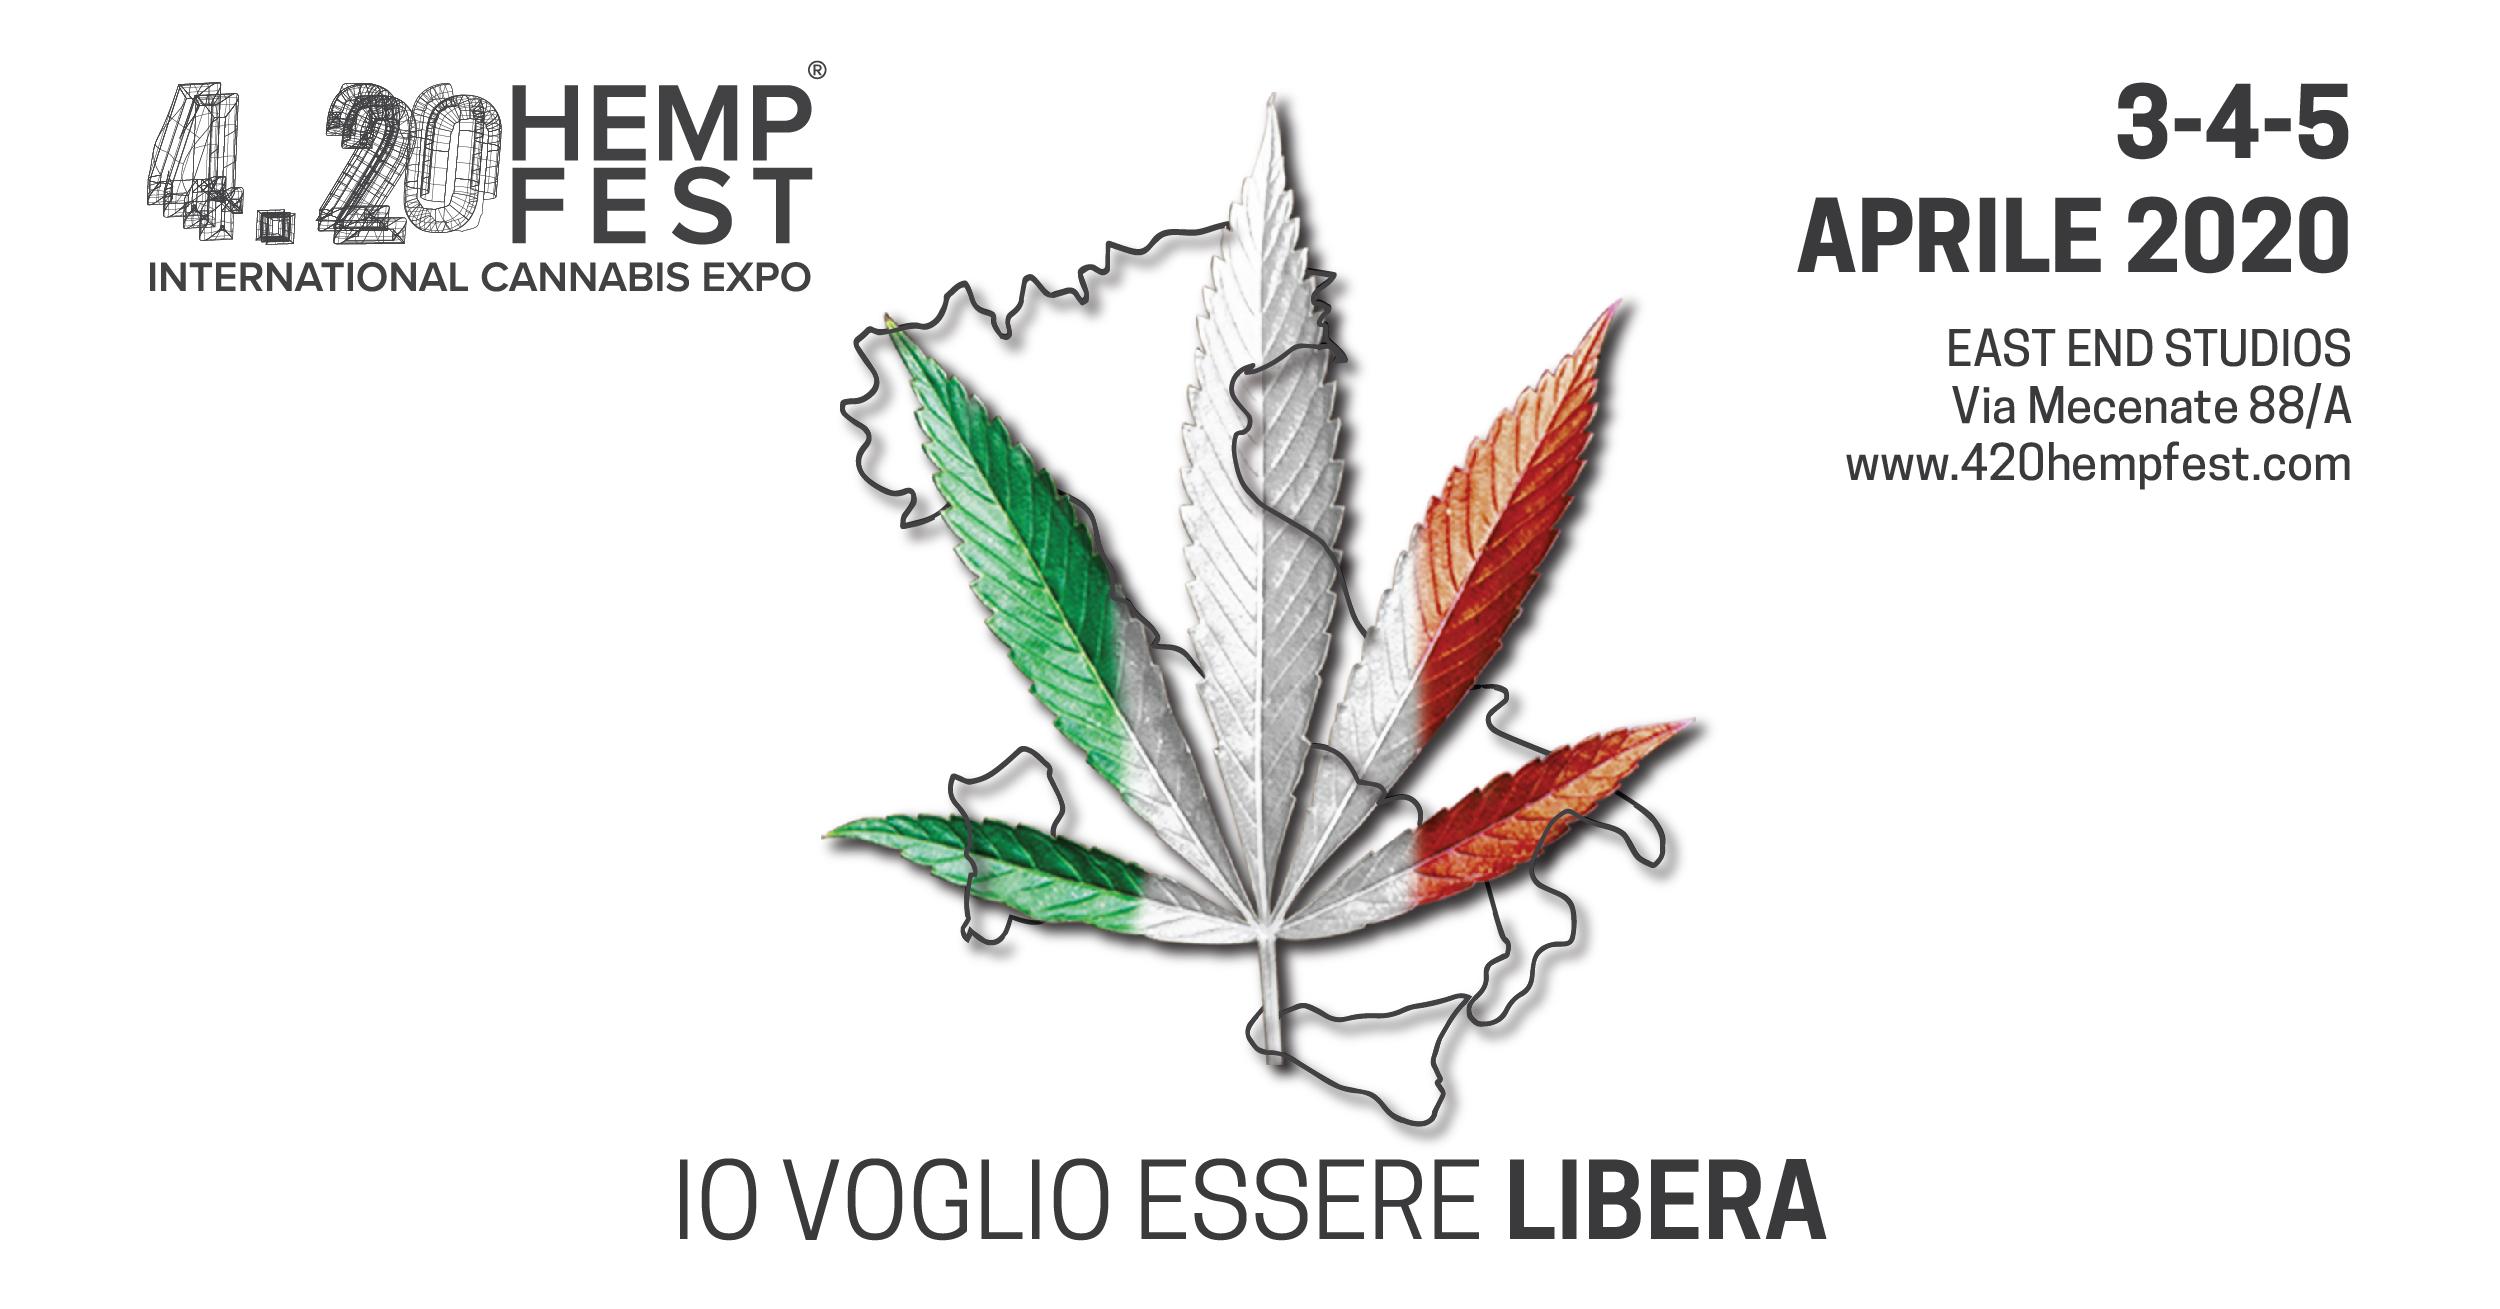 Calendario Fiere Milano 2020.4 20 Hemp Fest 2020 Fiera Internazionale Della Canapa